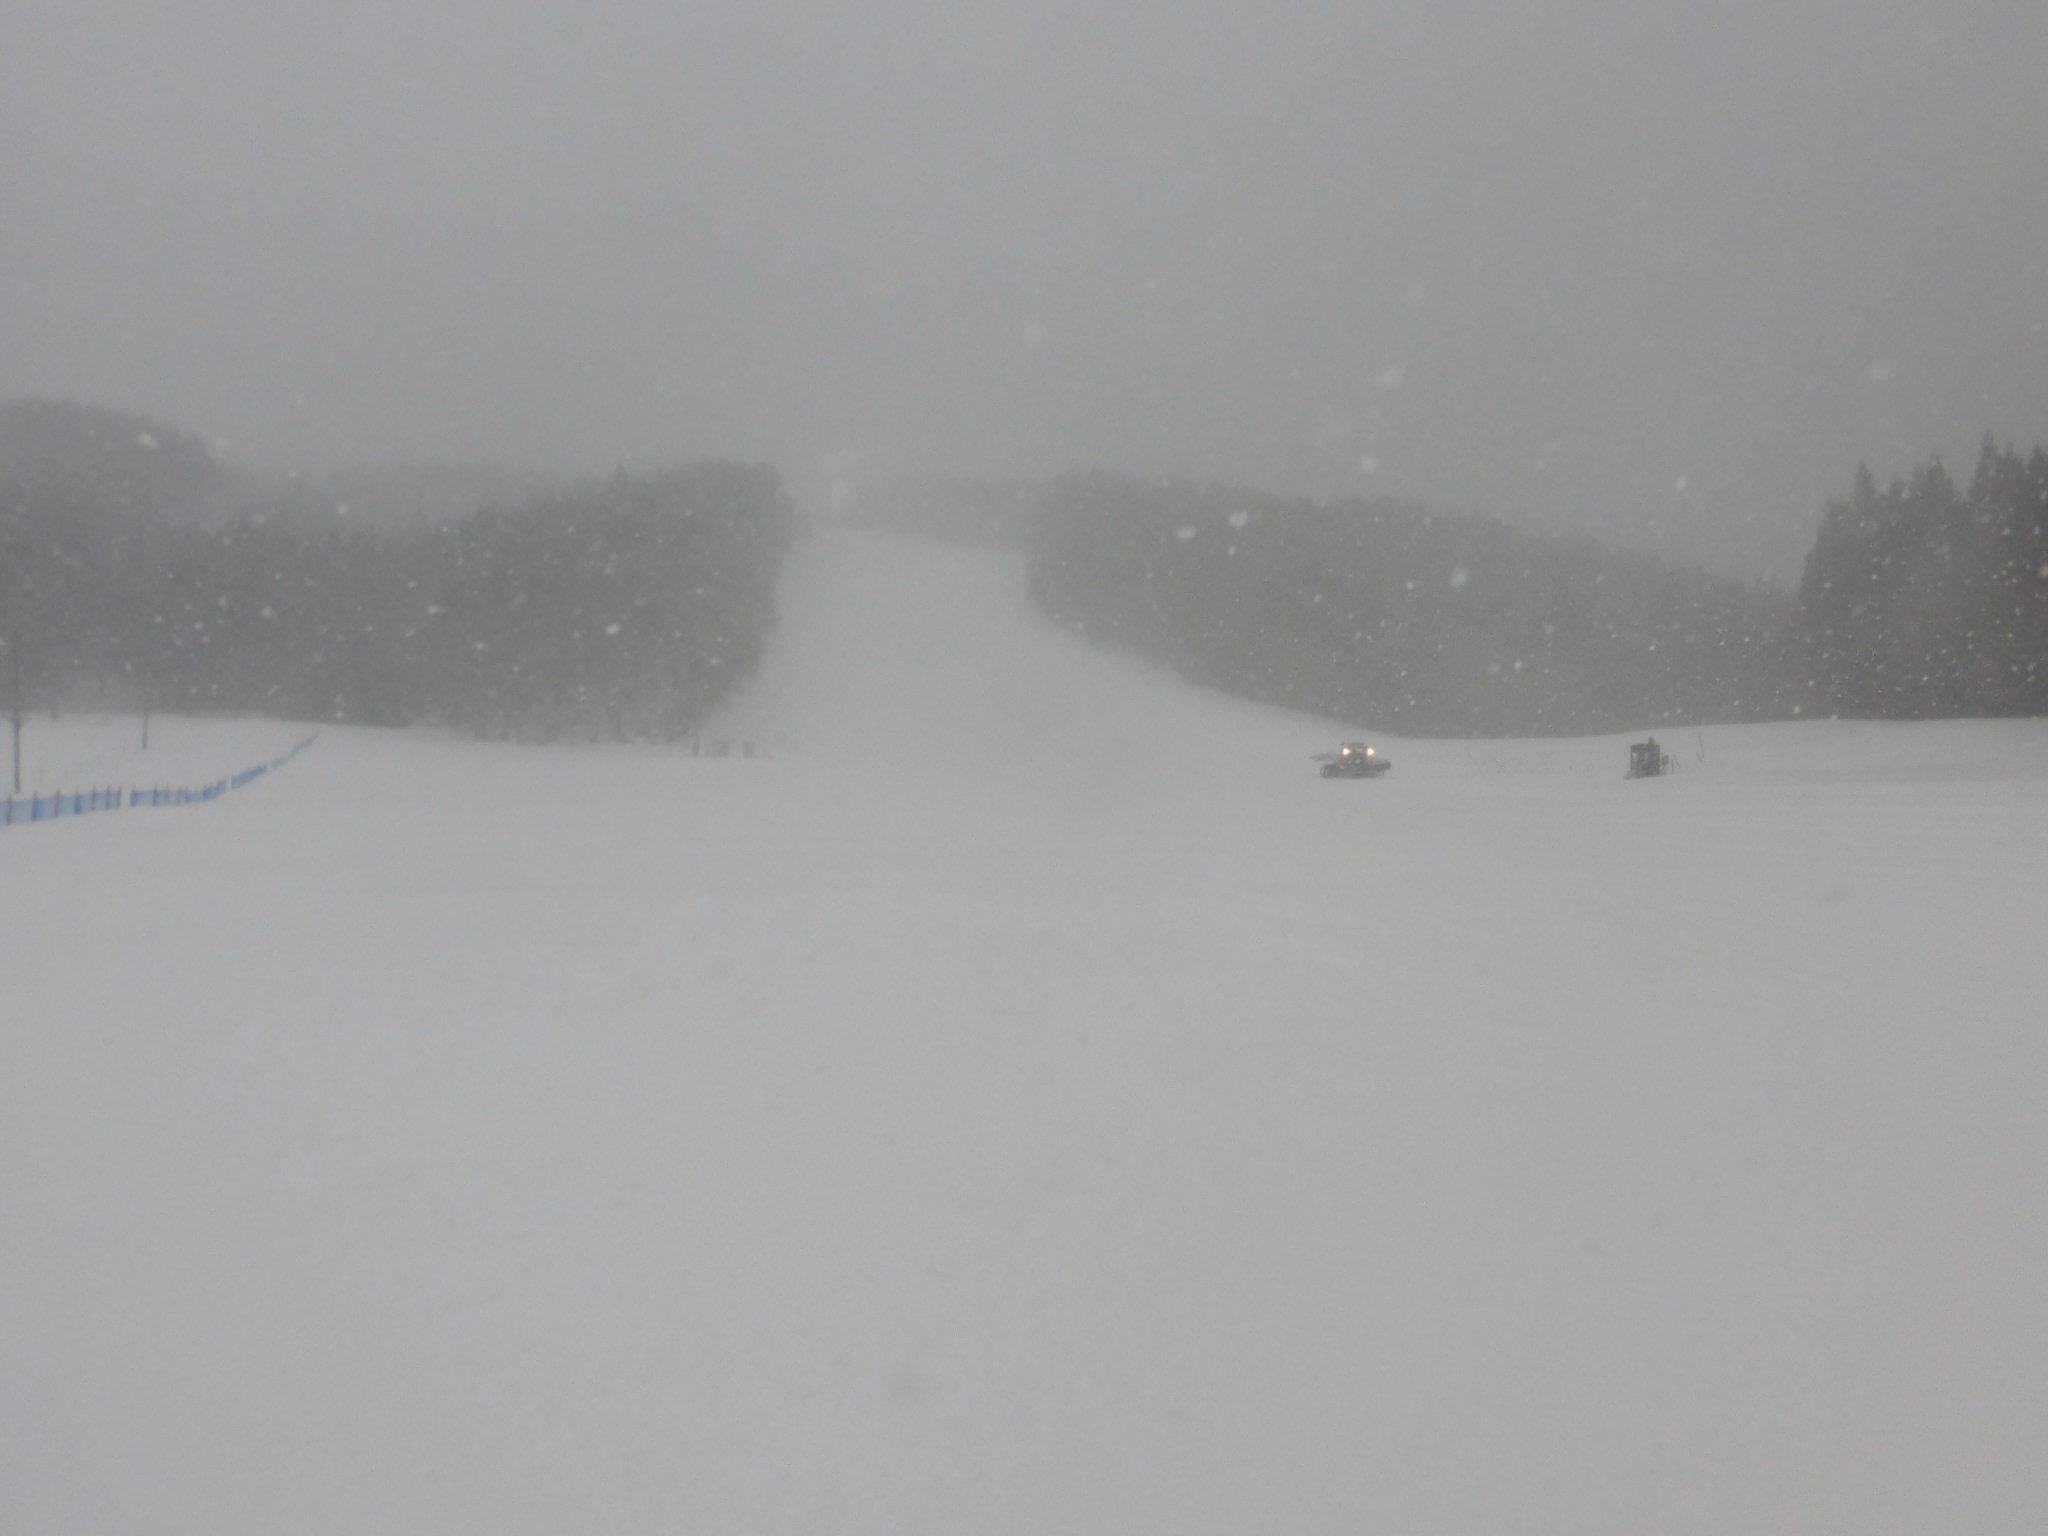 令和3年2月 24日(水)天気/雪 気温/-7℃ 風/弱 積雪/70㎝ 滑走可能_e0306207_08233309.jpg